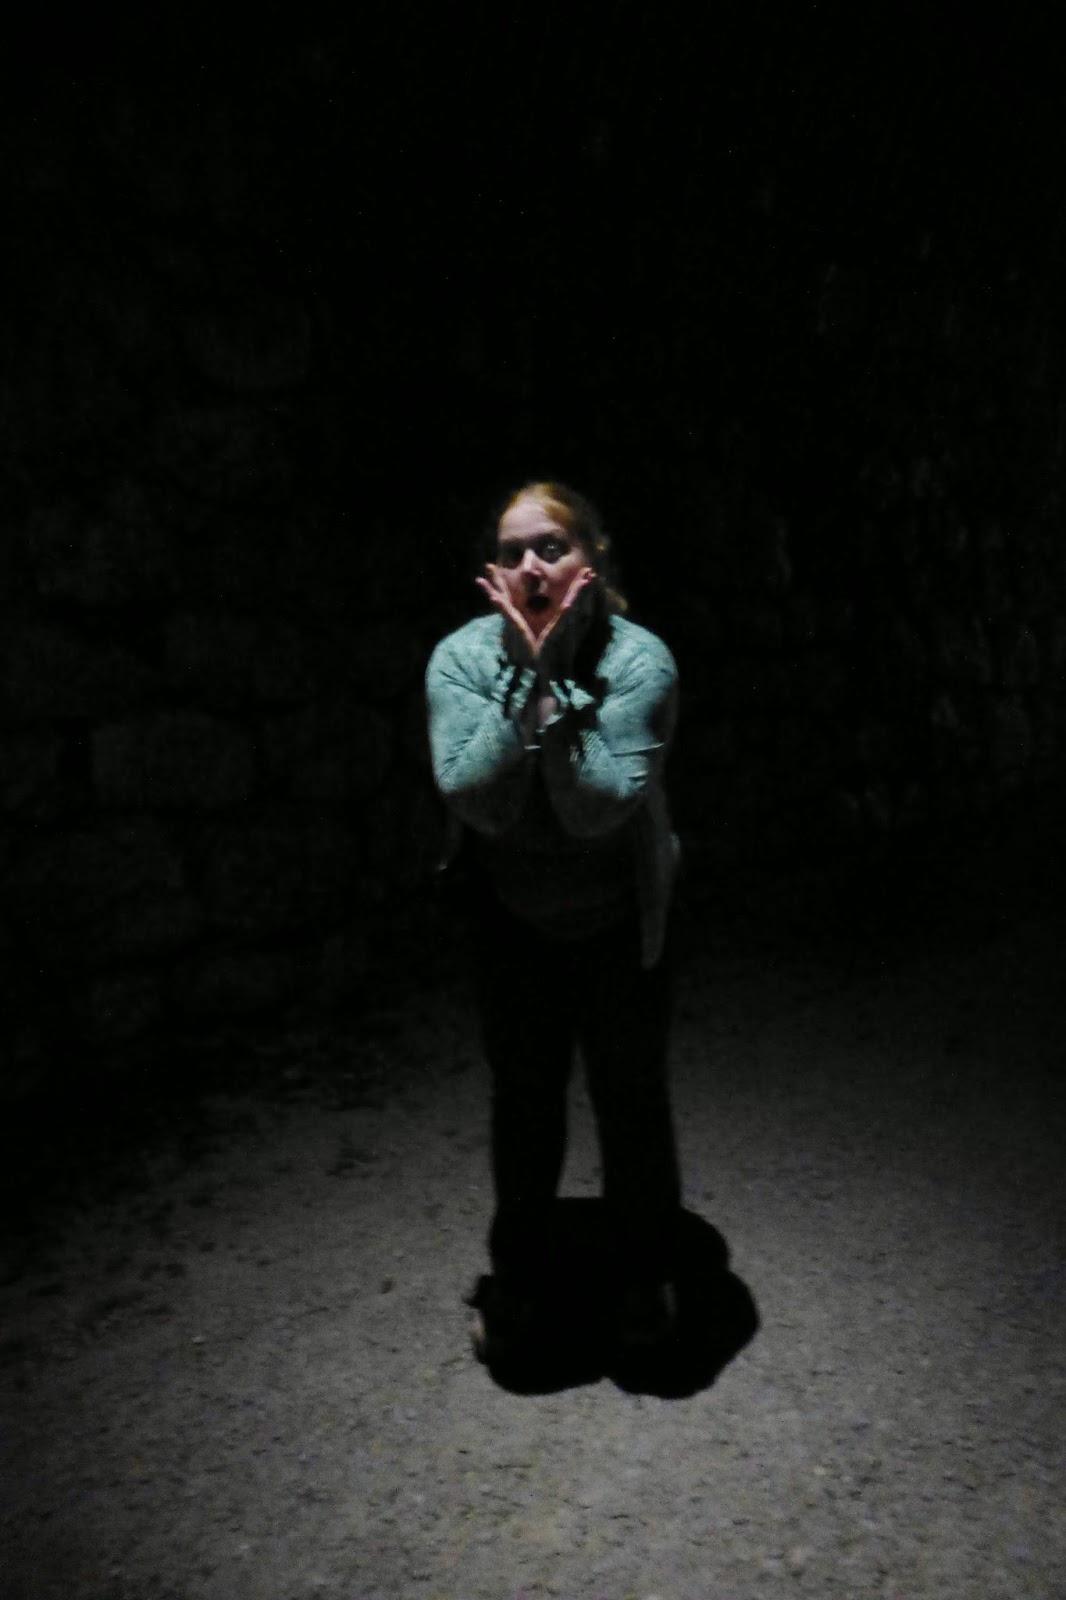 im Licht des Tunnels